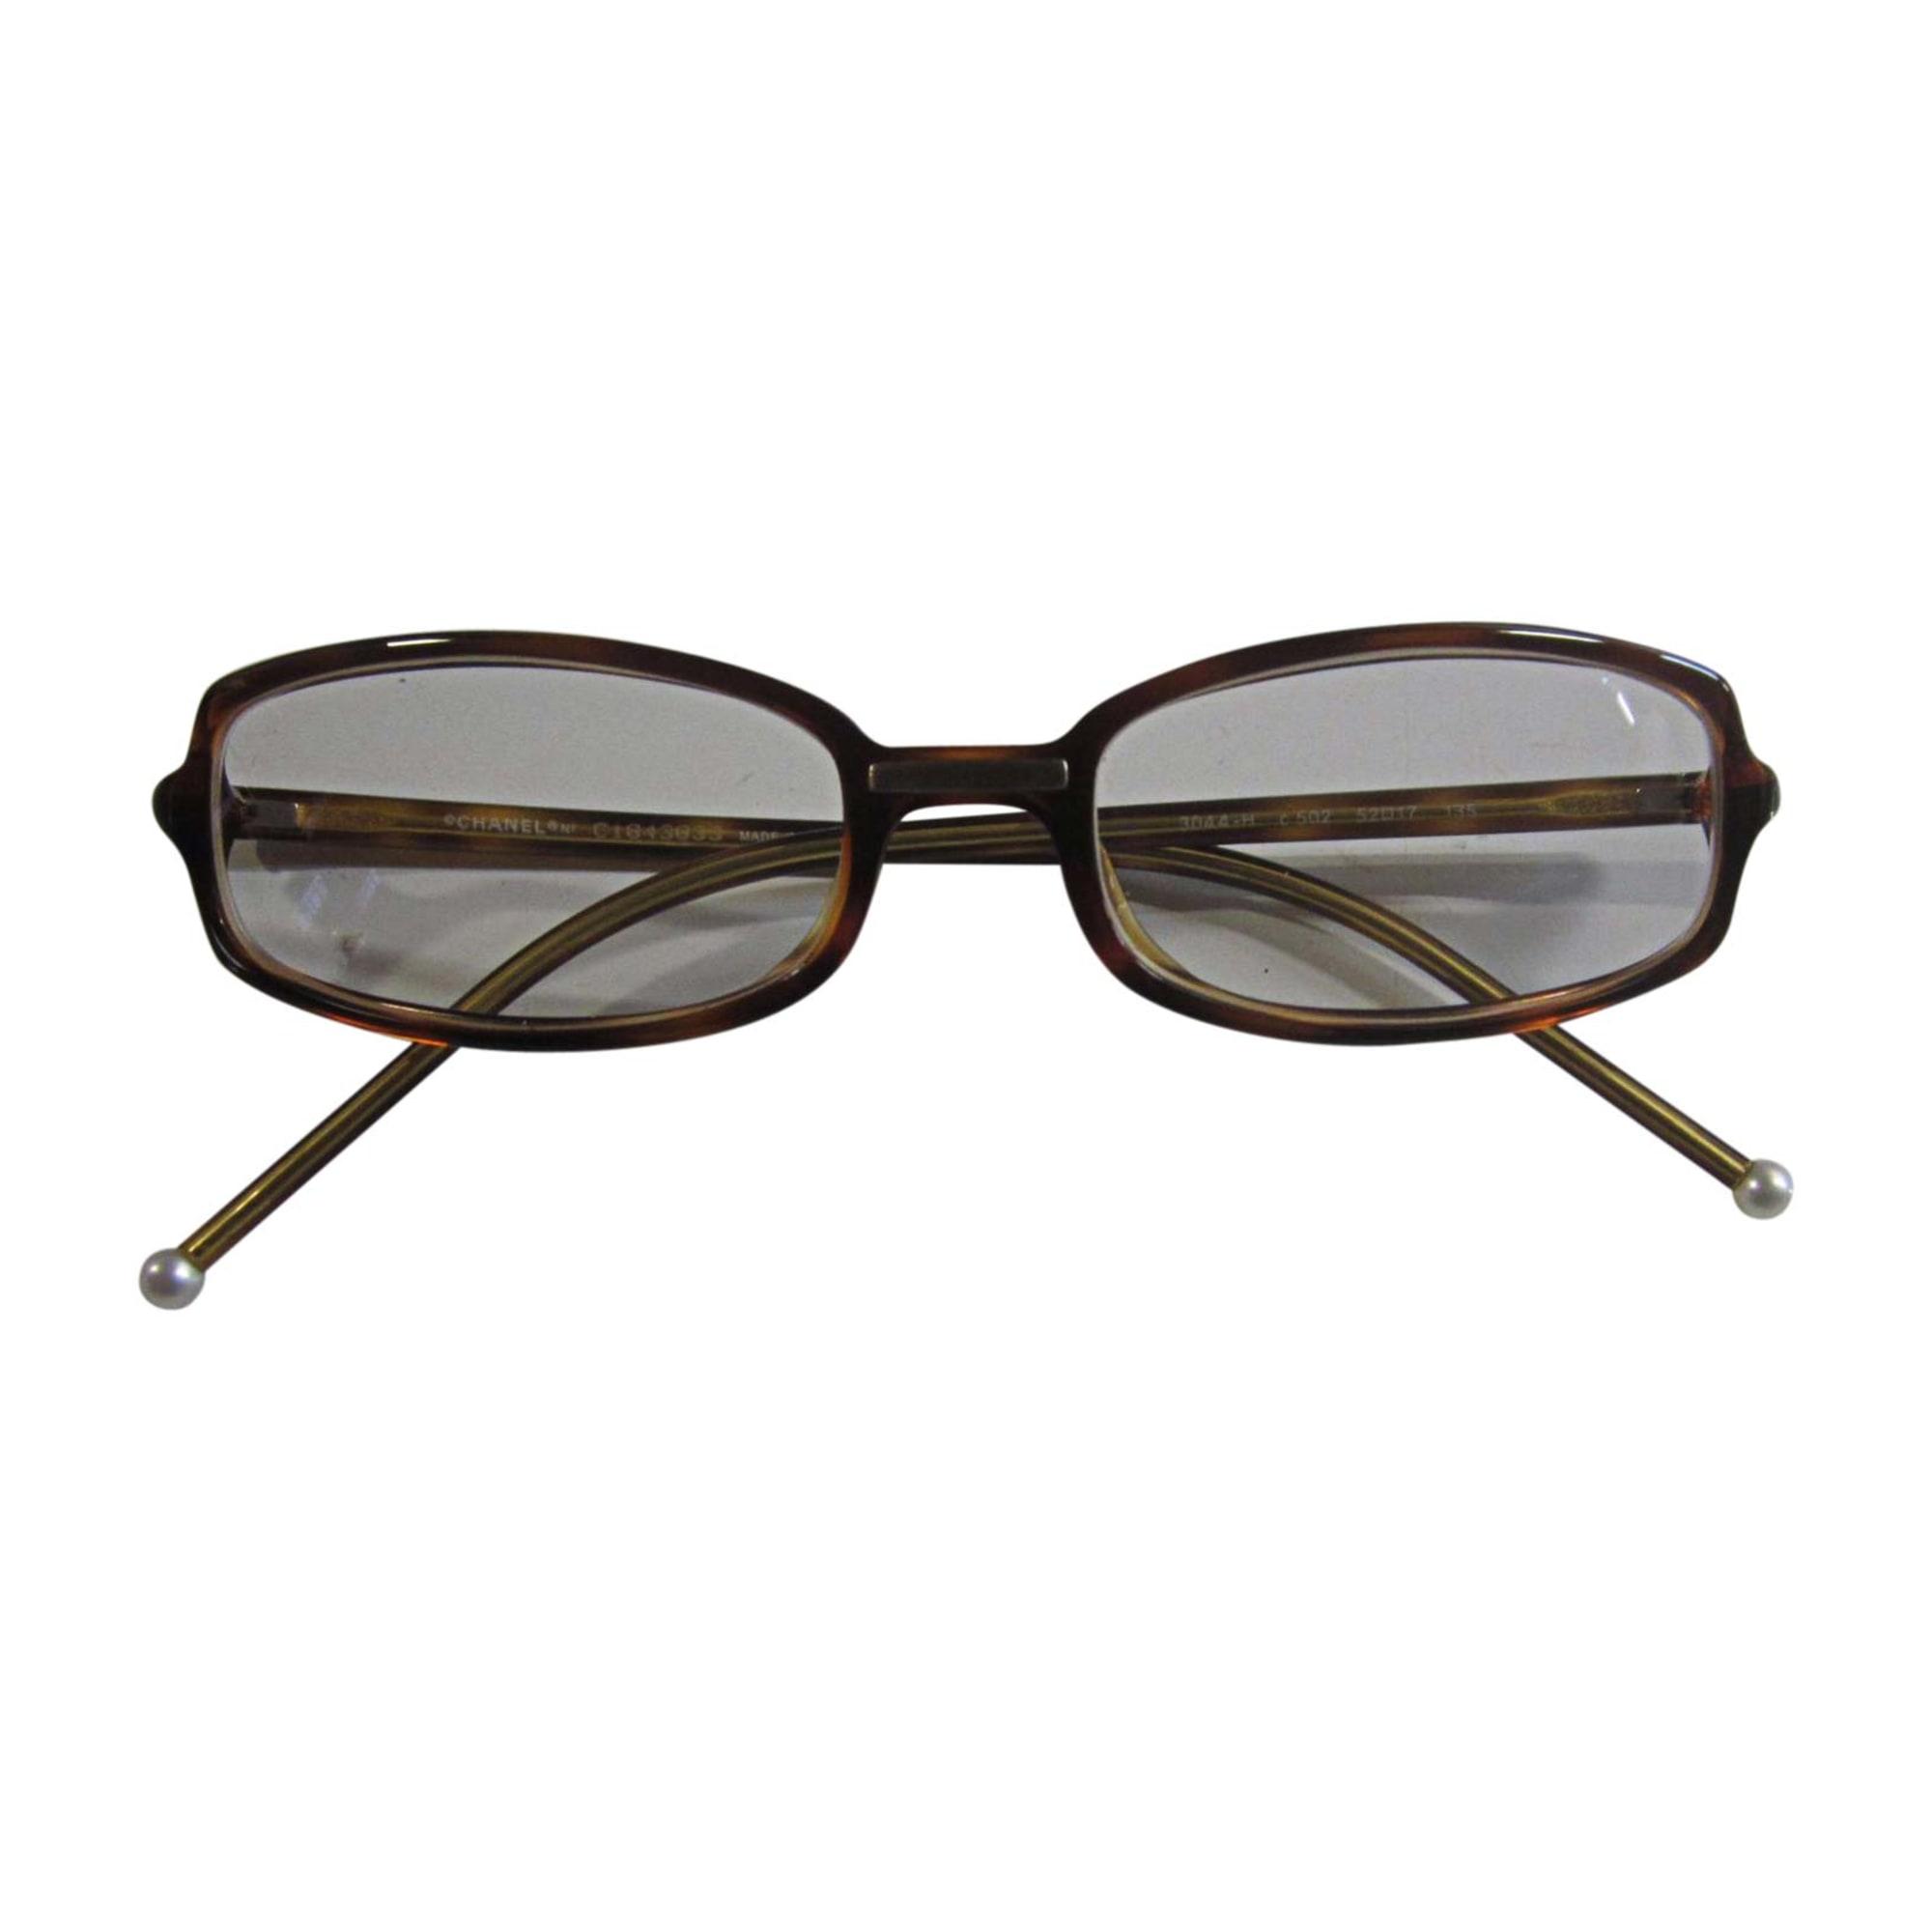 Monture de lunettes CHANEL marron - 7746268 b57b744f7dbd